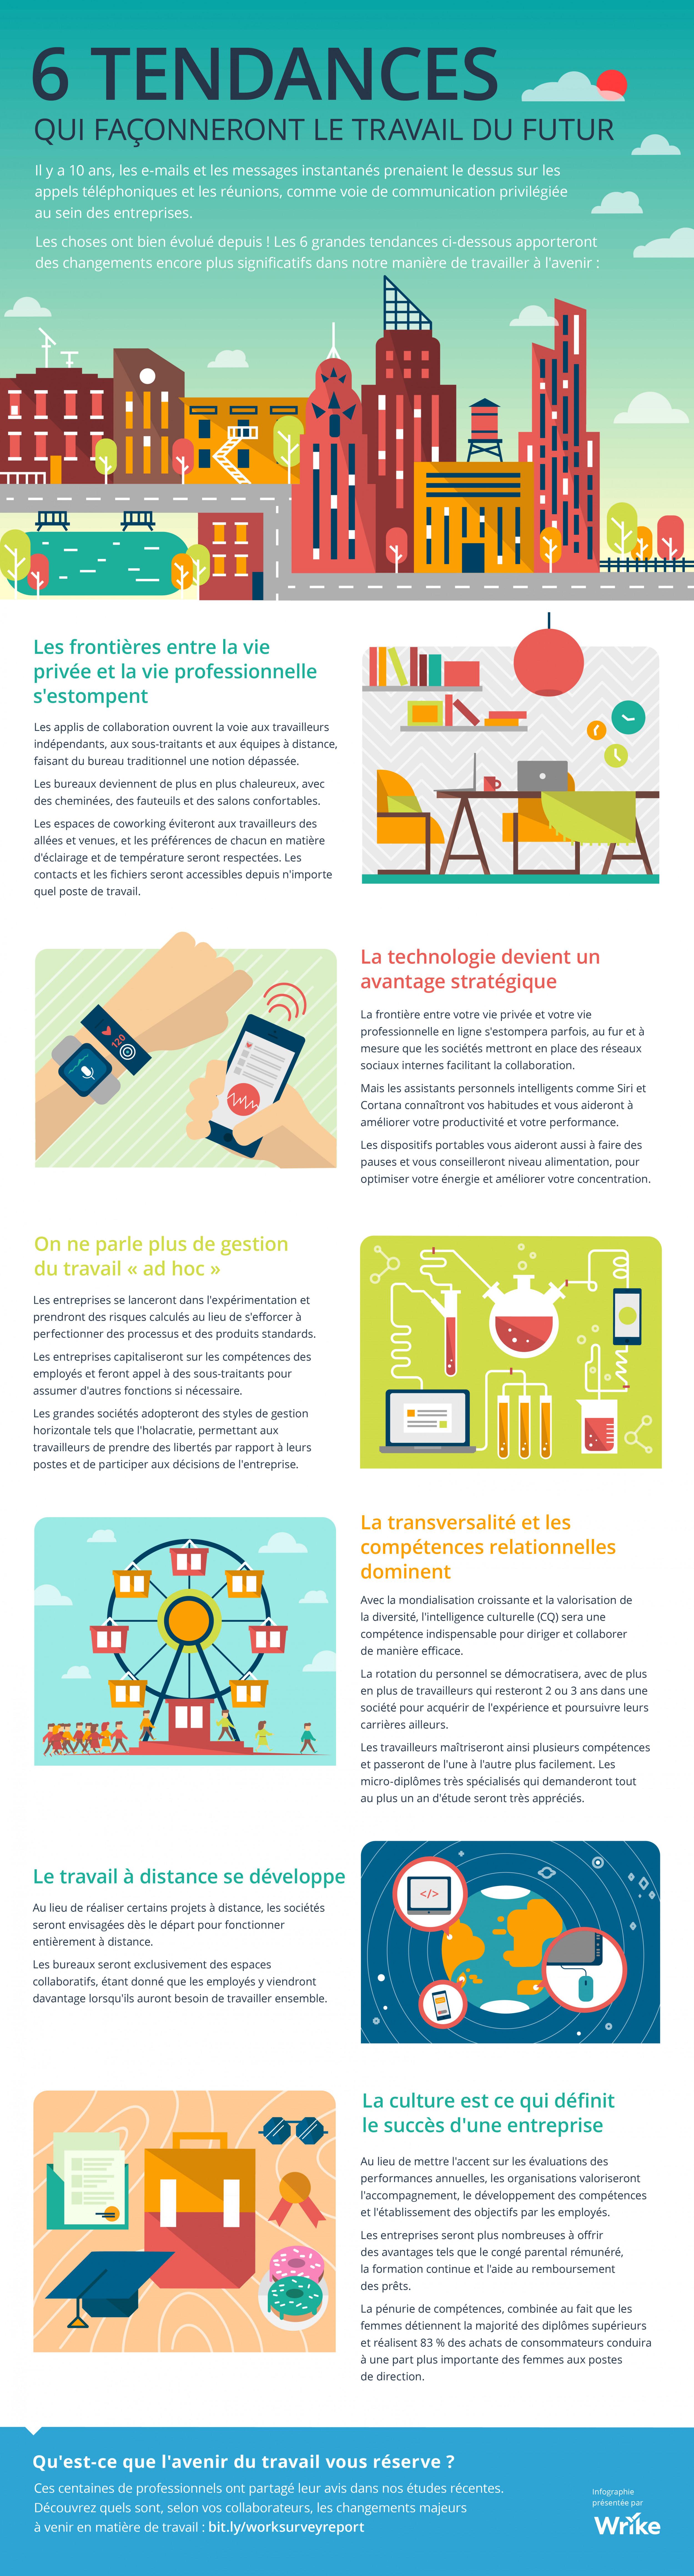 6 tendances qui façonneront le travail du futur (Infographie)